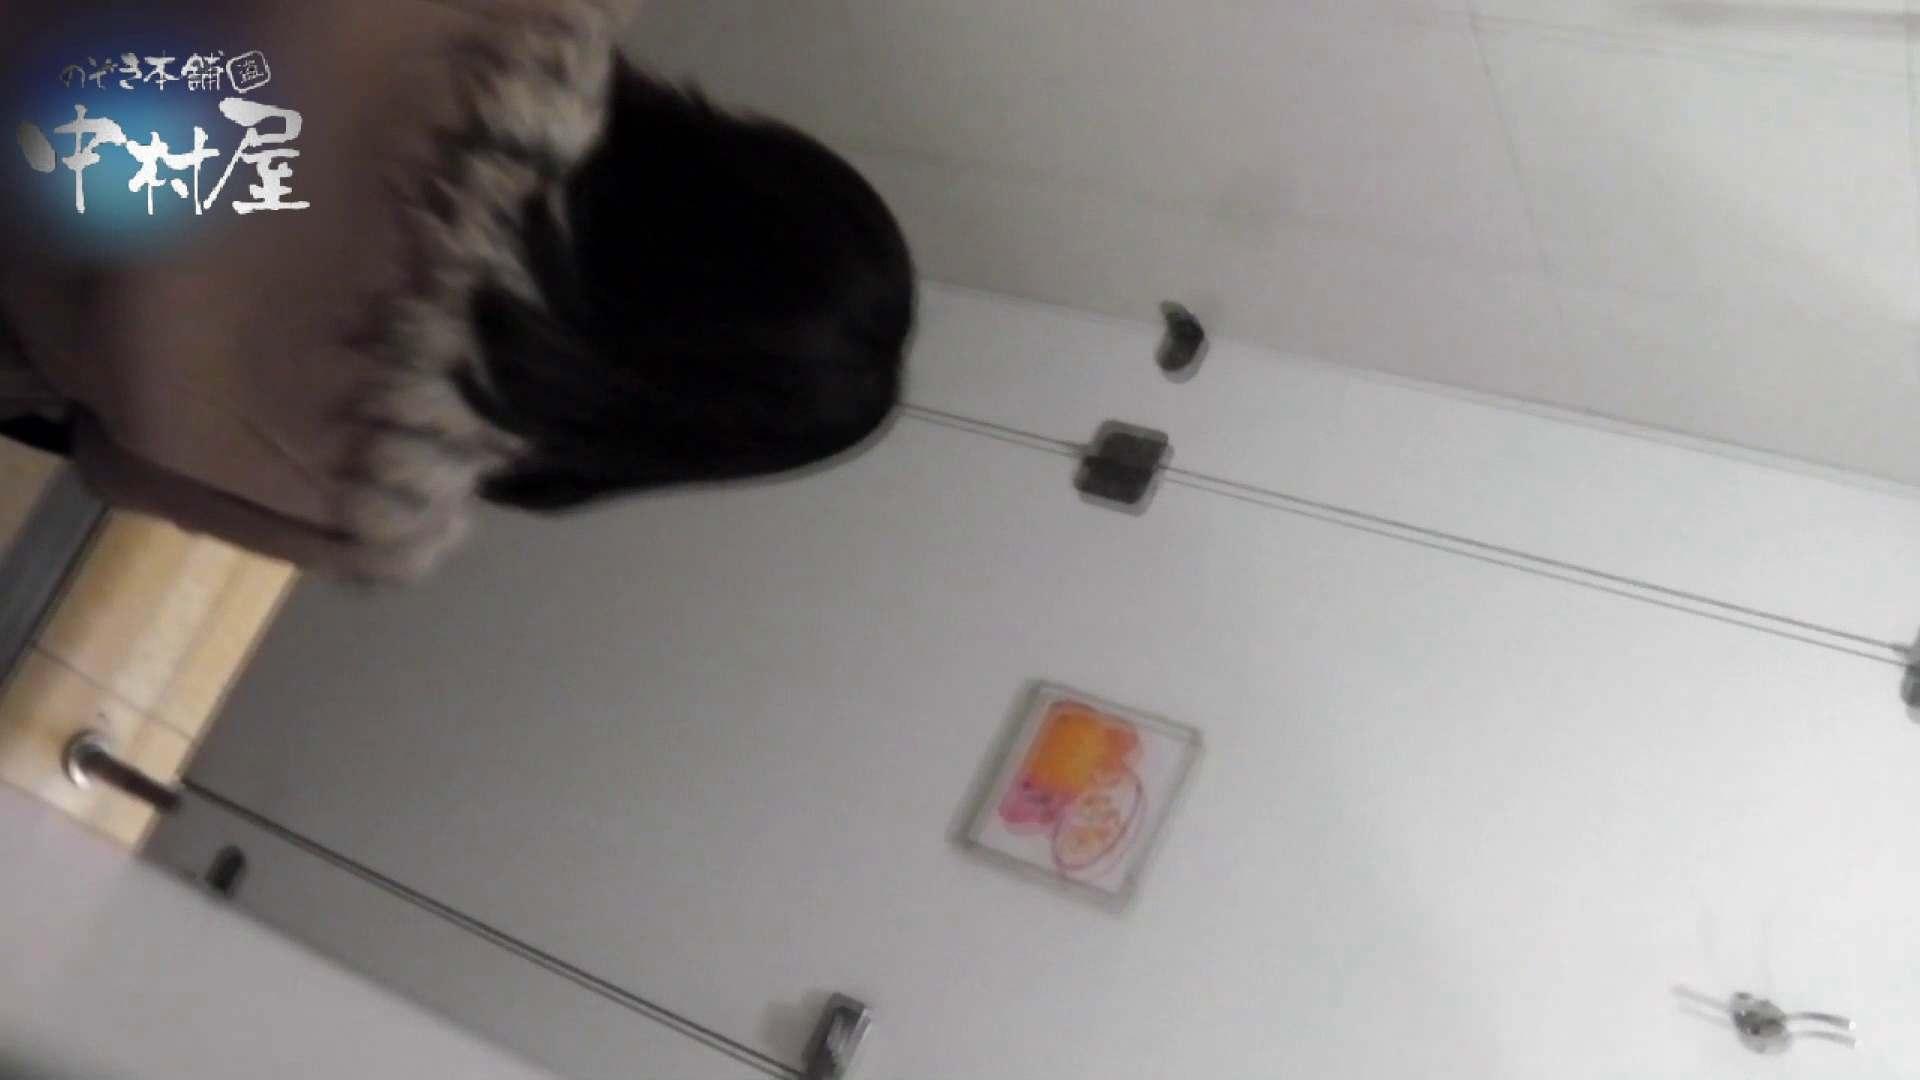 乙女集まる!ショッピングモール潜入撮vol.12 丸見え のぞきおめこ無修正画像 60PICs 10